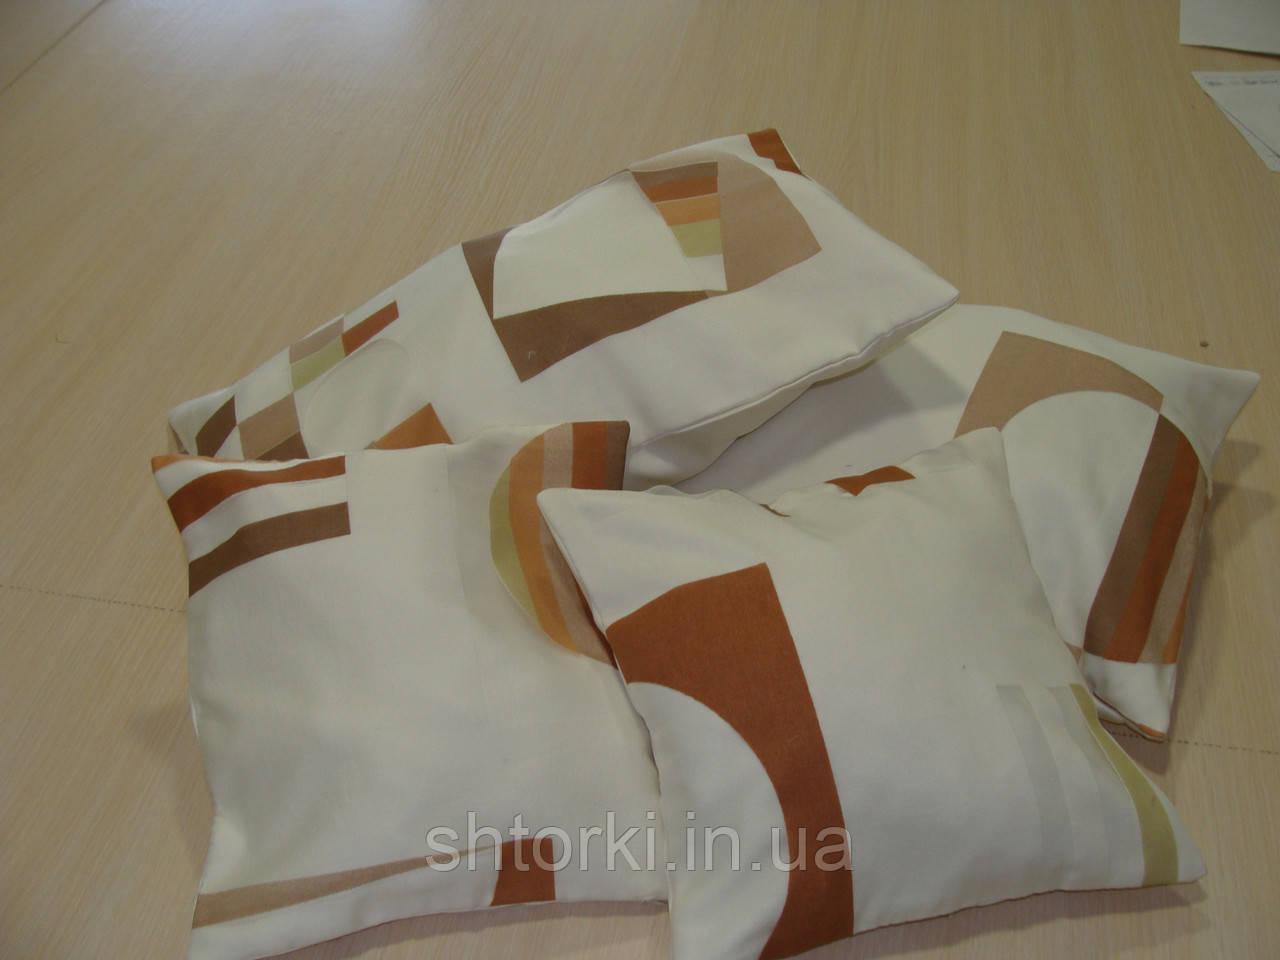 Комплект подушек Абстракция коричневая, 4шт